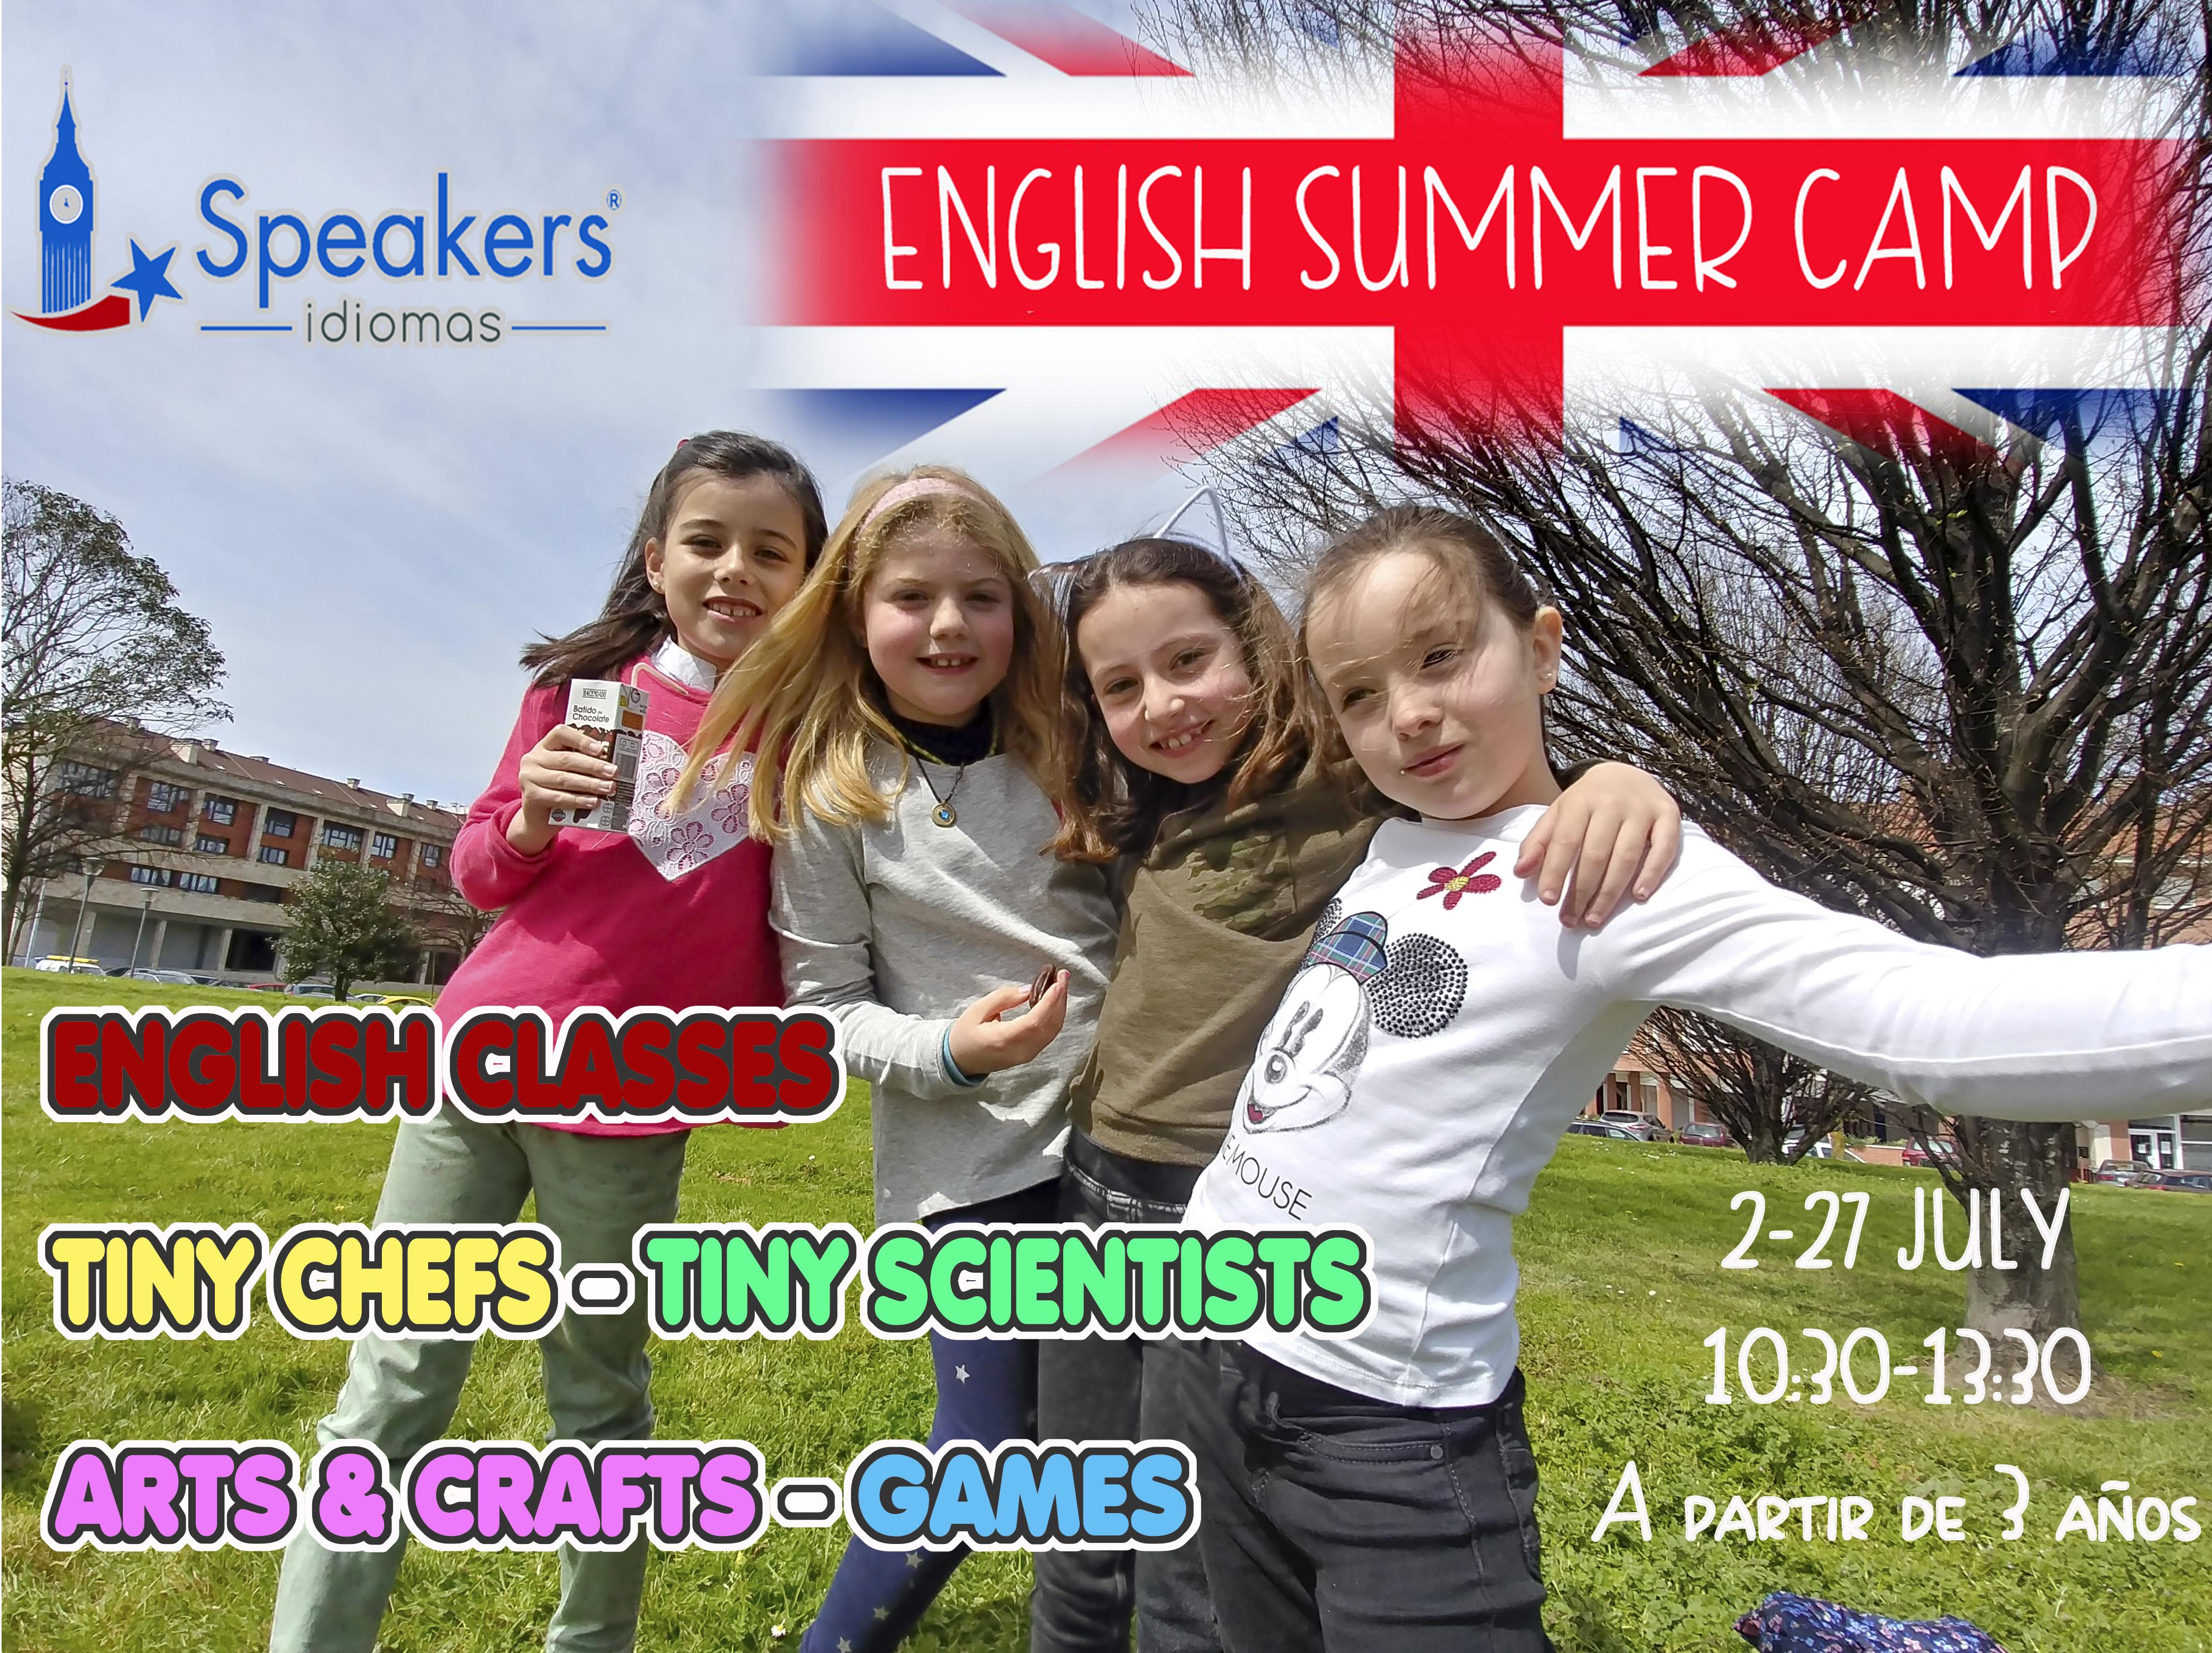 summer camp, academia de inglés en Gijón, academia de inglés para niños en Gijón, academia inglés gijón, academia inglés niños 1 año gijón, academia inglés niños 2 años gijón, clases inglés niños gijón, inglés niños gijón